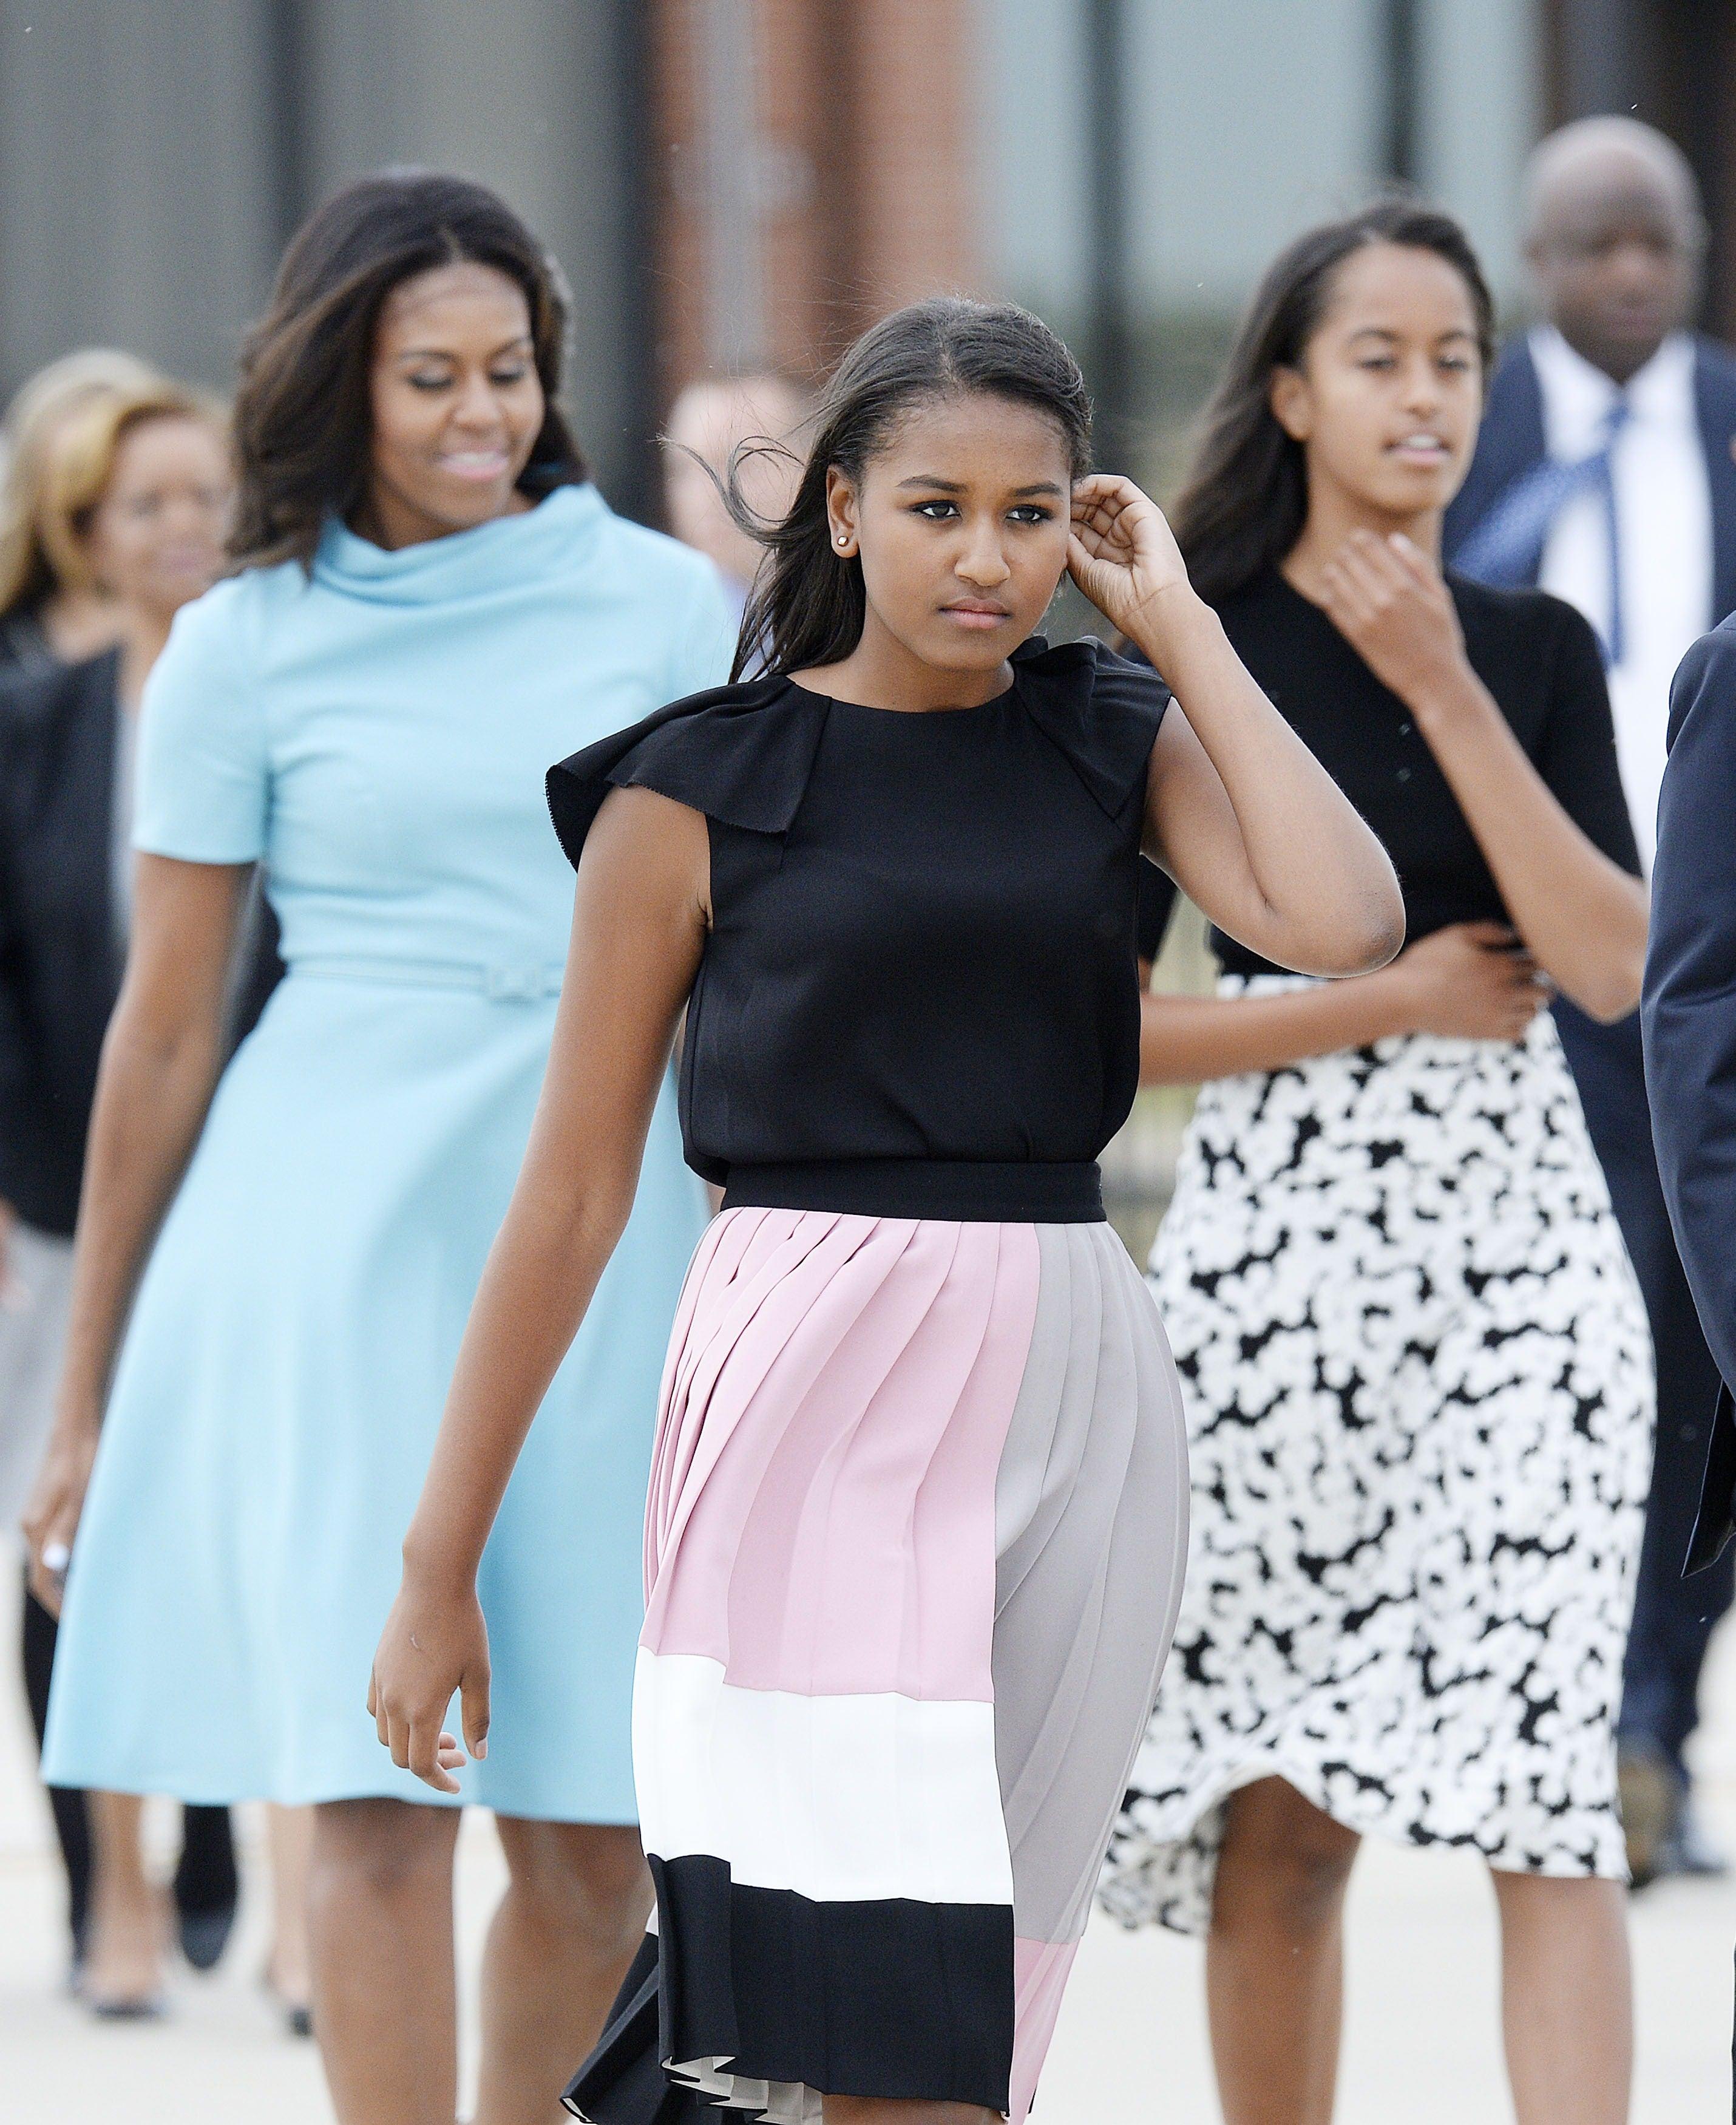 June 21 2015 Malia Sasha And Michelle Obama Leaving: Sasha And Malia Obama Style Over The Years